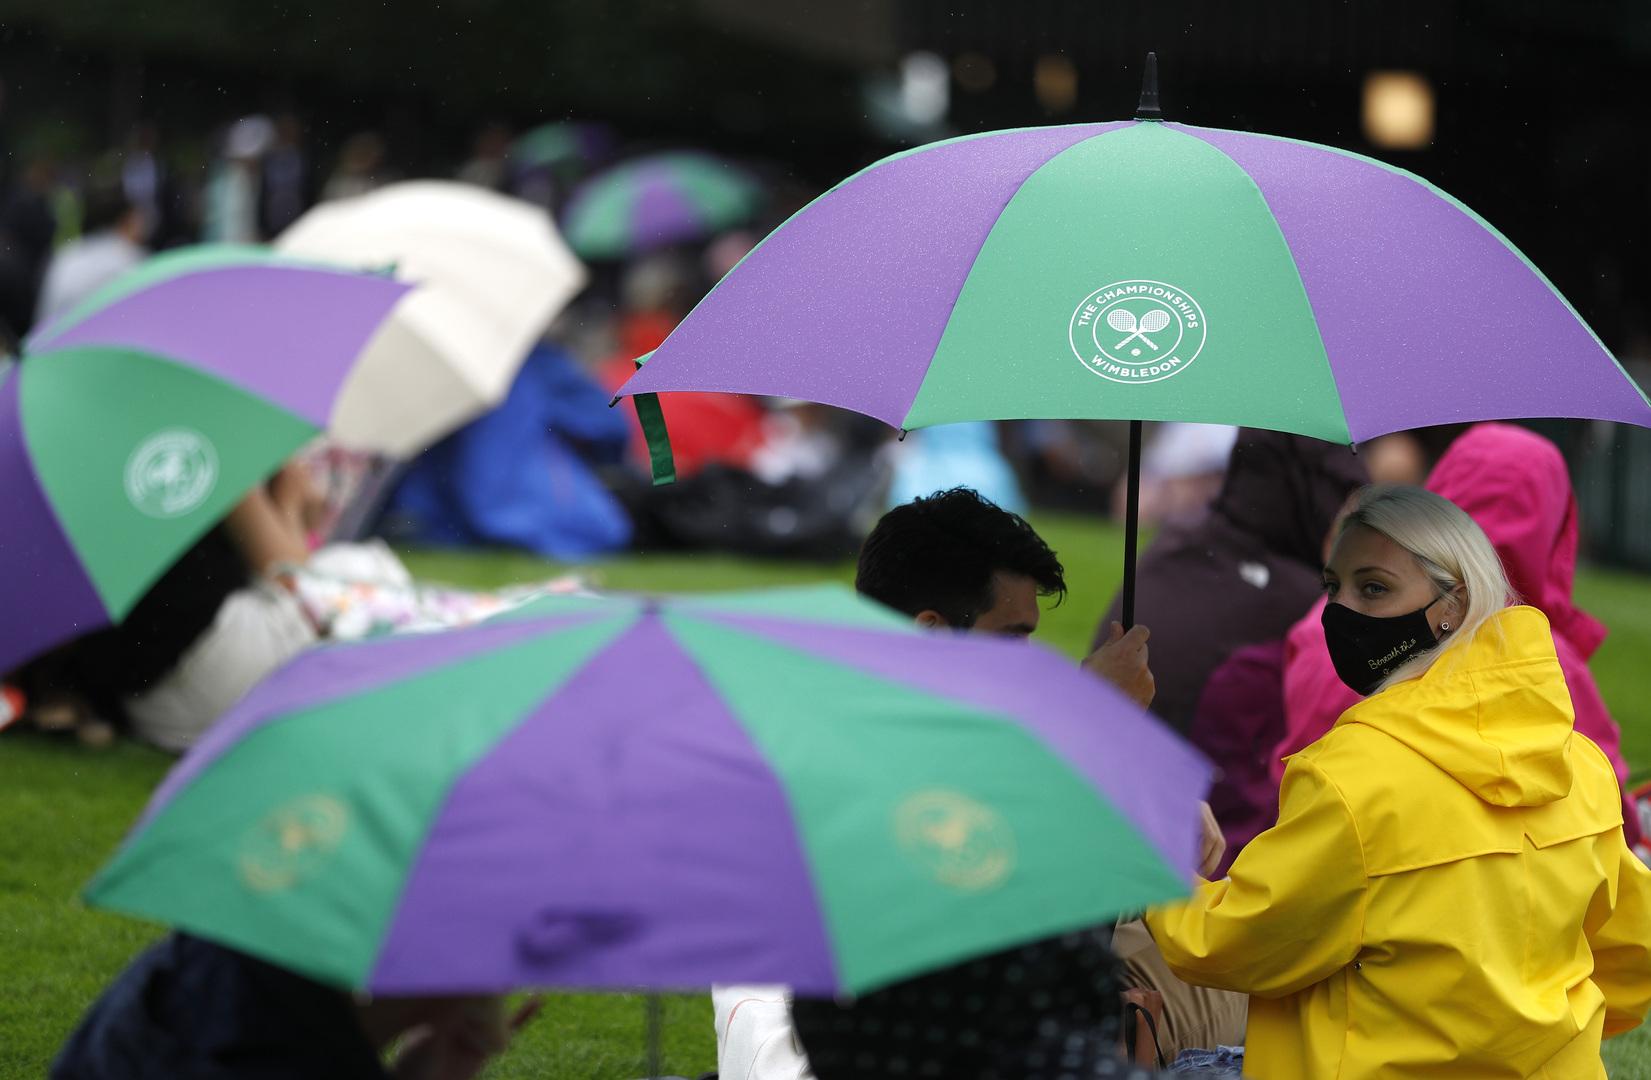 كالعادة المطر يؤجل انطلاق بطولة ويمبلدون